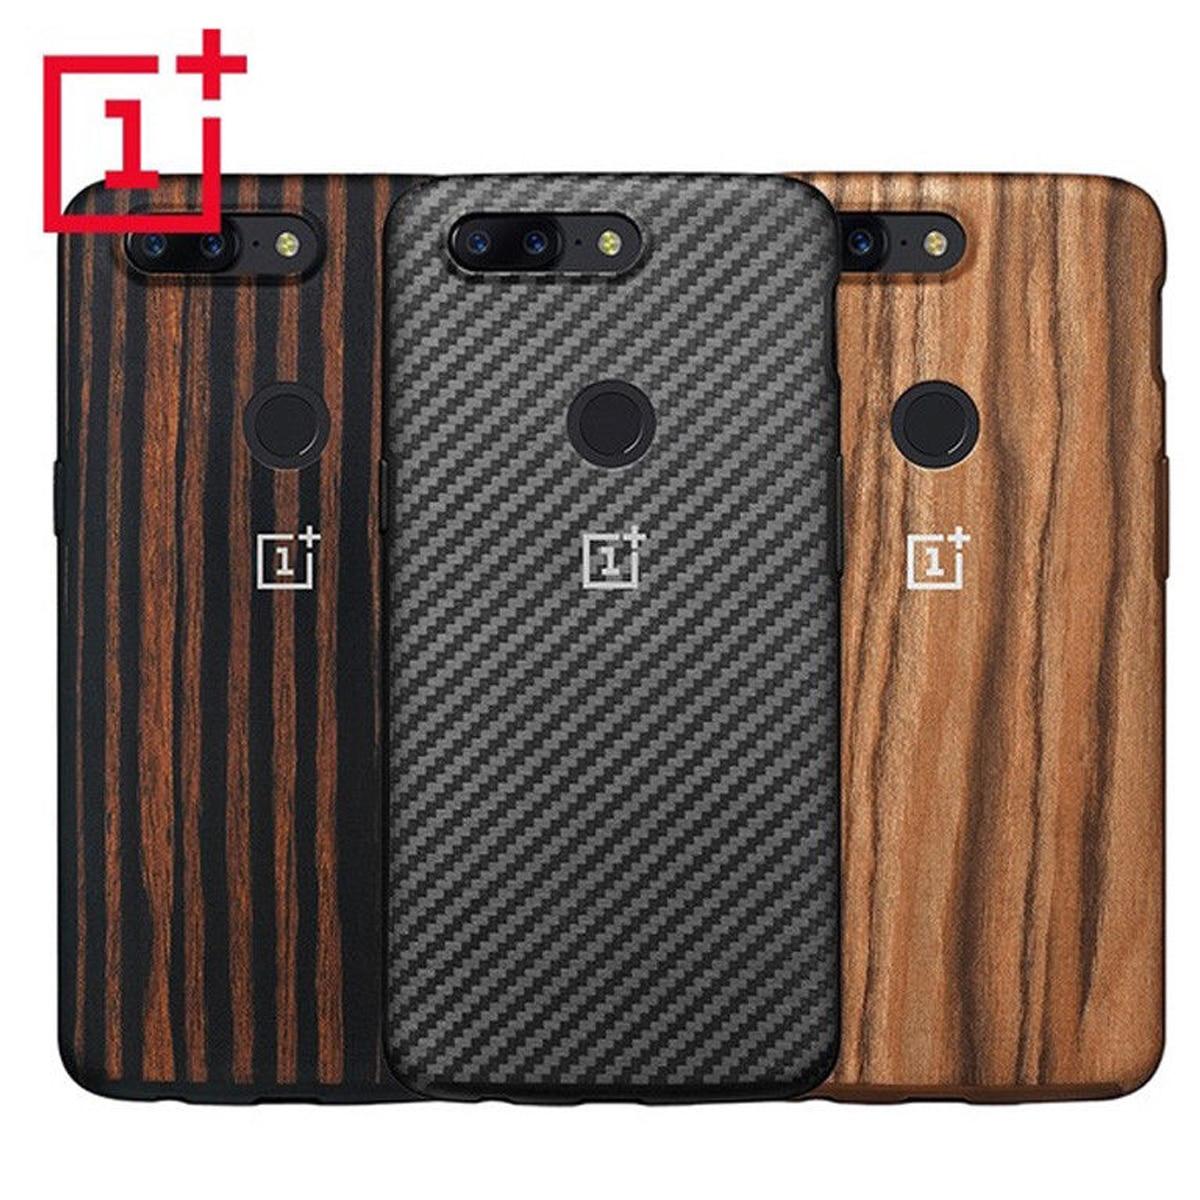 Oneplus 5 T Cas Officiel 100% D'origine Oneplus Mobile Téléphone Sac Retour Shell Fiber De Bois TPU Pleine Couverture Cas pour Un Plus 5 T